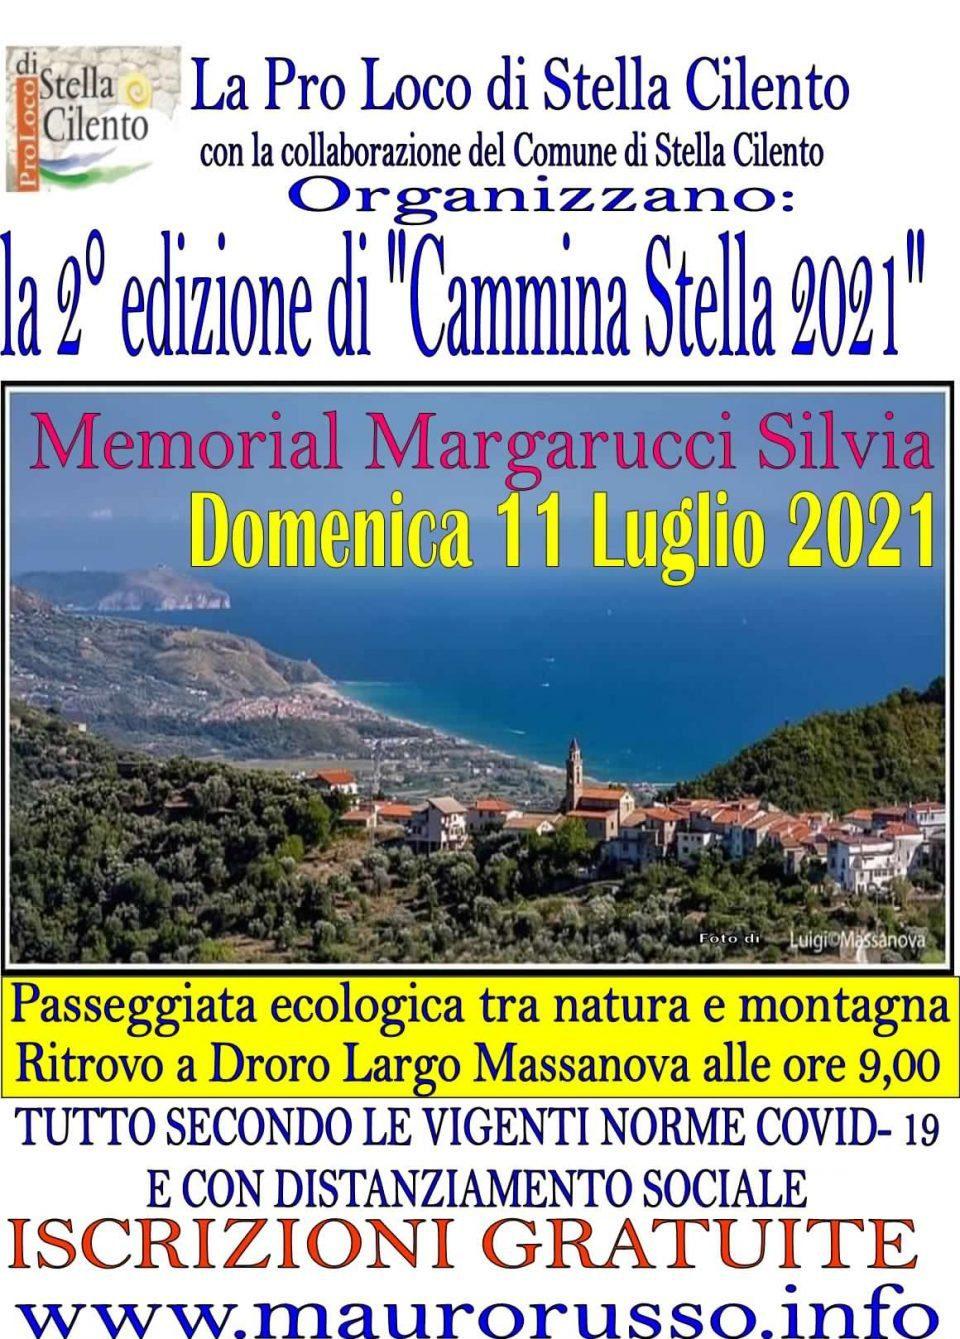 Cammina Stella Memorial Margarucci Silvia 2021 Stella Cilento passeggiata Locandina 960x1339 - Stella Cilento, 2° Cammina Stella Memorial Silvia Margarucci 2021